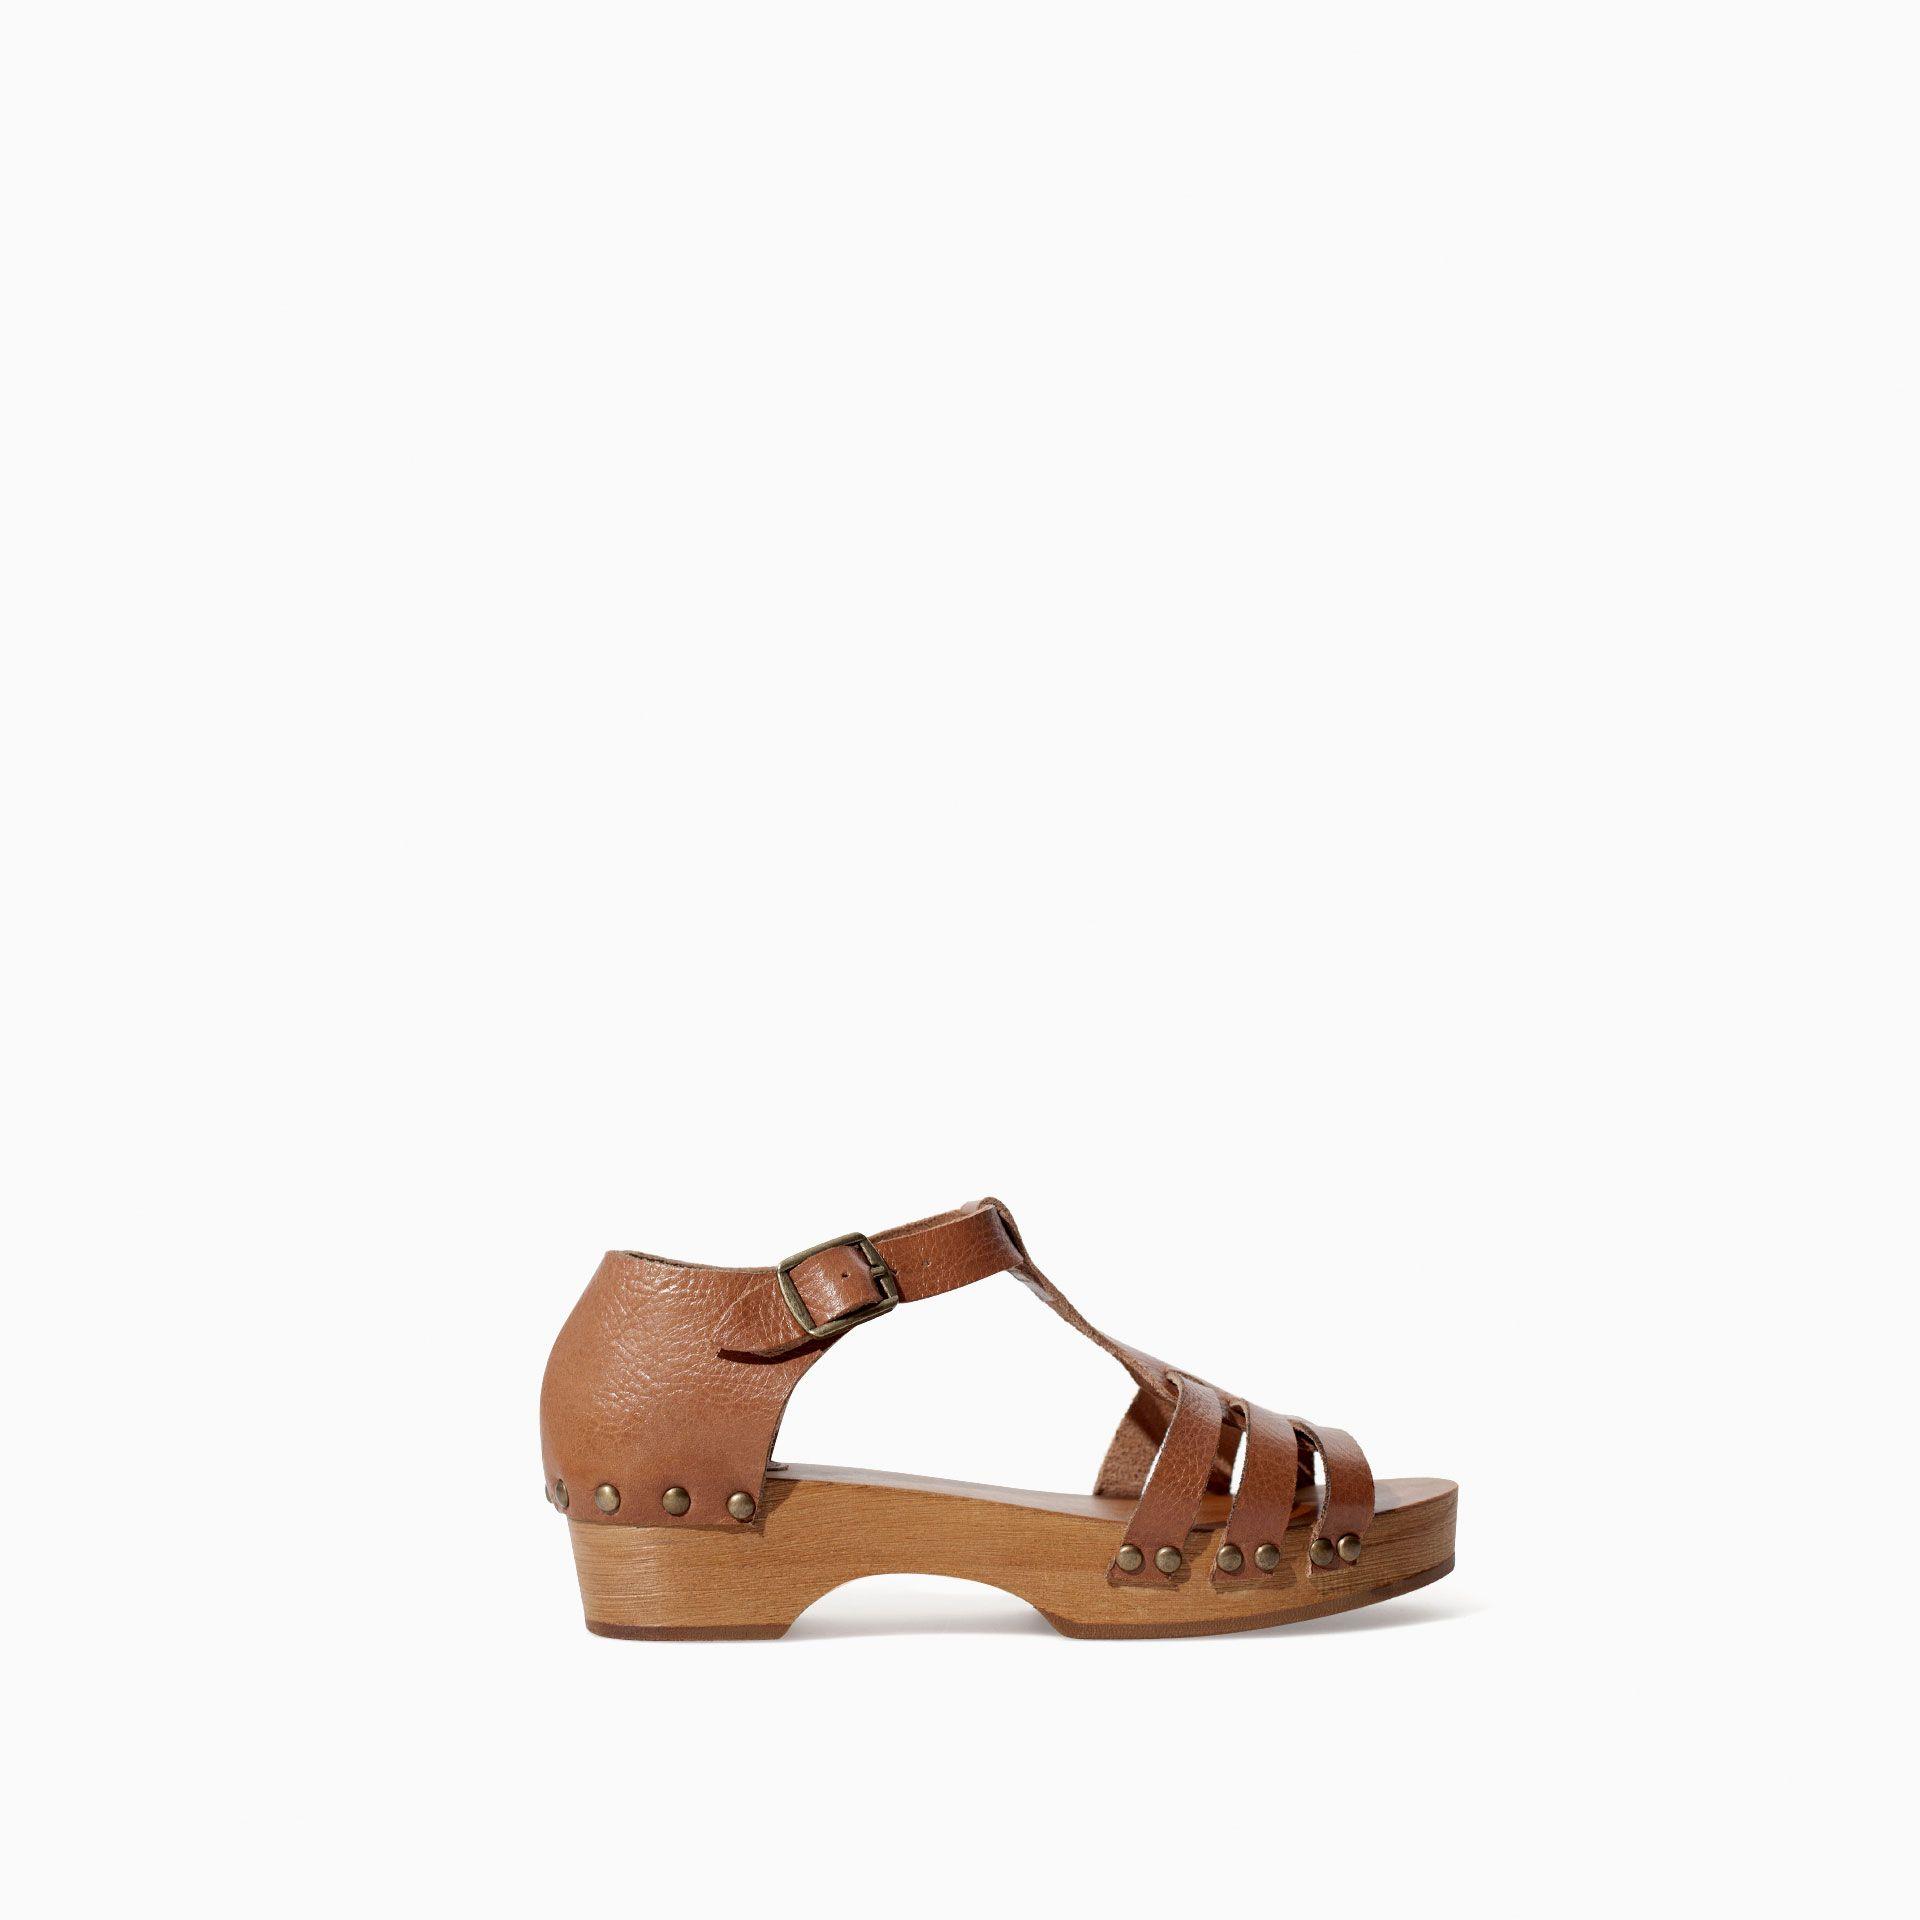 5850286f ZUECO MADERA PIEL - Zapatos - Niña (3 - 14 años) - NIÑOS | ZARA España